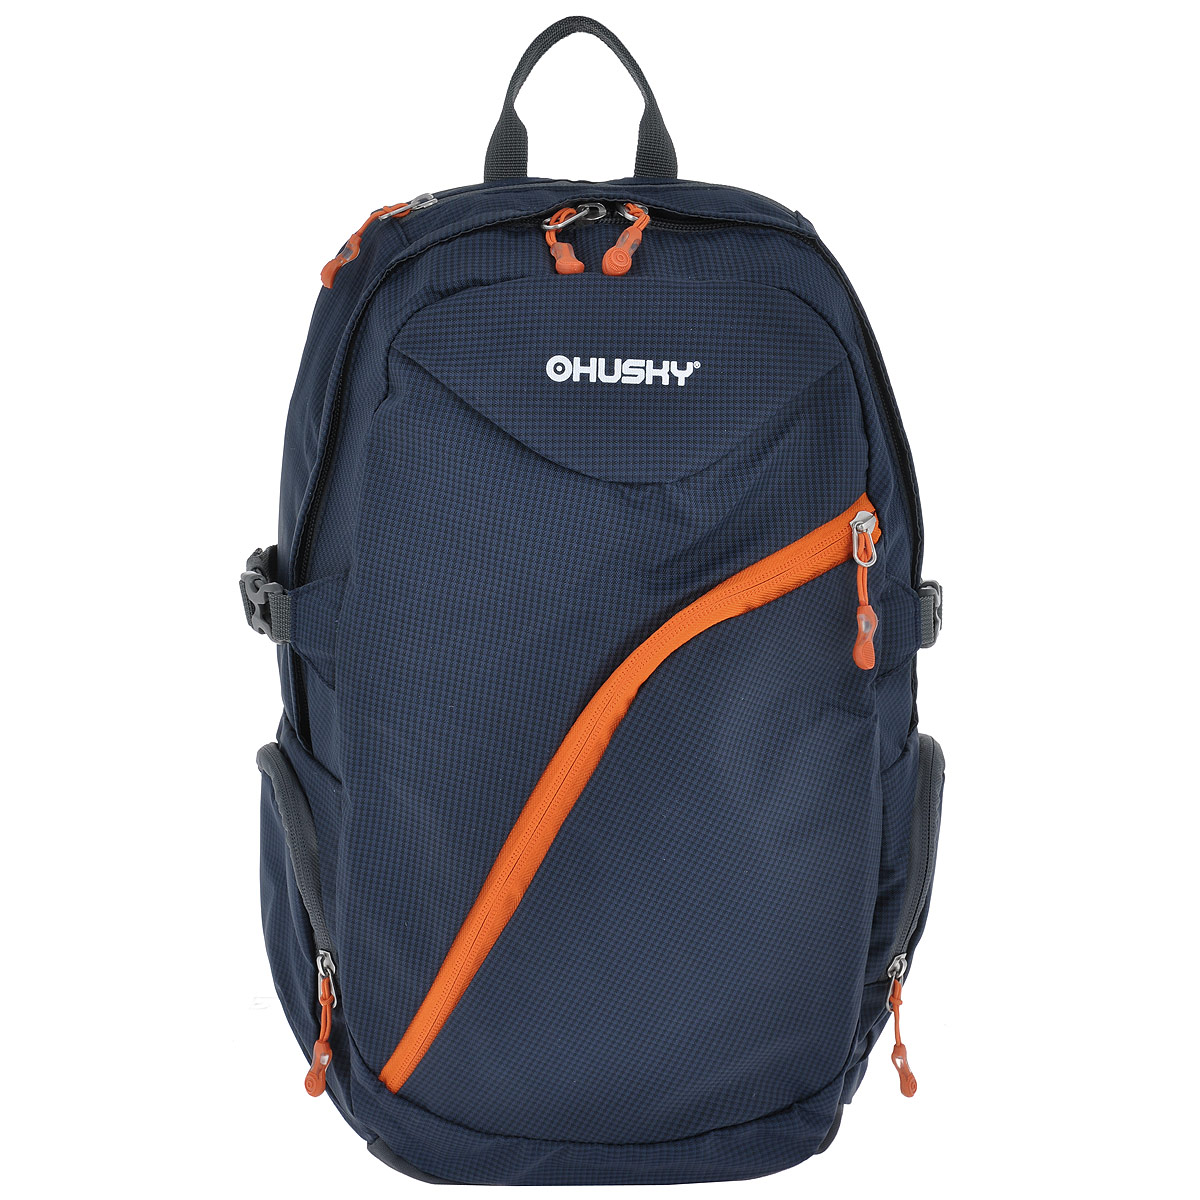 Рюкзак городской Husky Nexy, цвет: темно-синий, оранжевый, 22 лMW-1462-01-SR серебристыйГородской рюкзак Husky Nexy изготовлен из водонепроницаемого нейлона, оснащен светоотражающими элементами. Рюкзак содержит одно главное отделение, в котором есть карман для переноски ноутбука или планшета.На лицевой стороне находится карман на молнии, внутри которого расположены 4 накладных кармана для канцелярии. По бокам рюкзака находятся 2 кармана на молнии. Сверху также есть 1 карман на застежке-молнии. Рюкзак очень удобно носить благодаря системе вентиляции спины AMS и широким лямкам.Вес: 550 г.